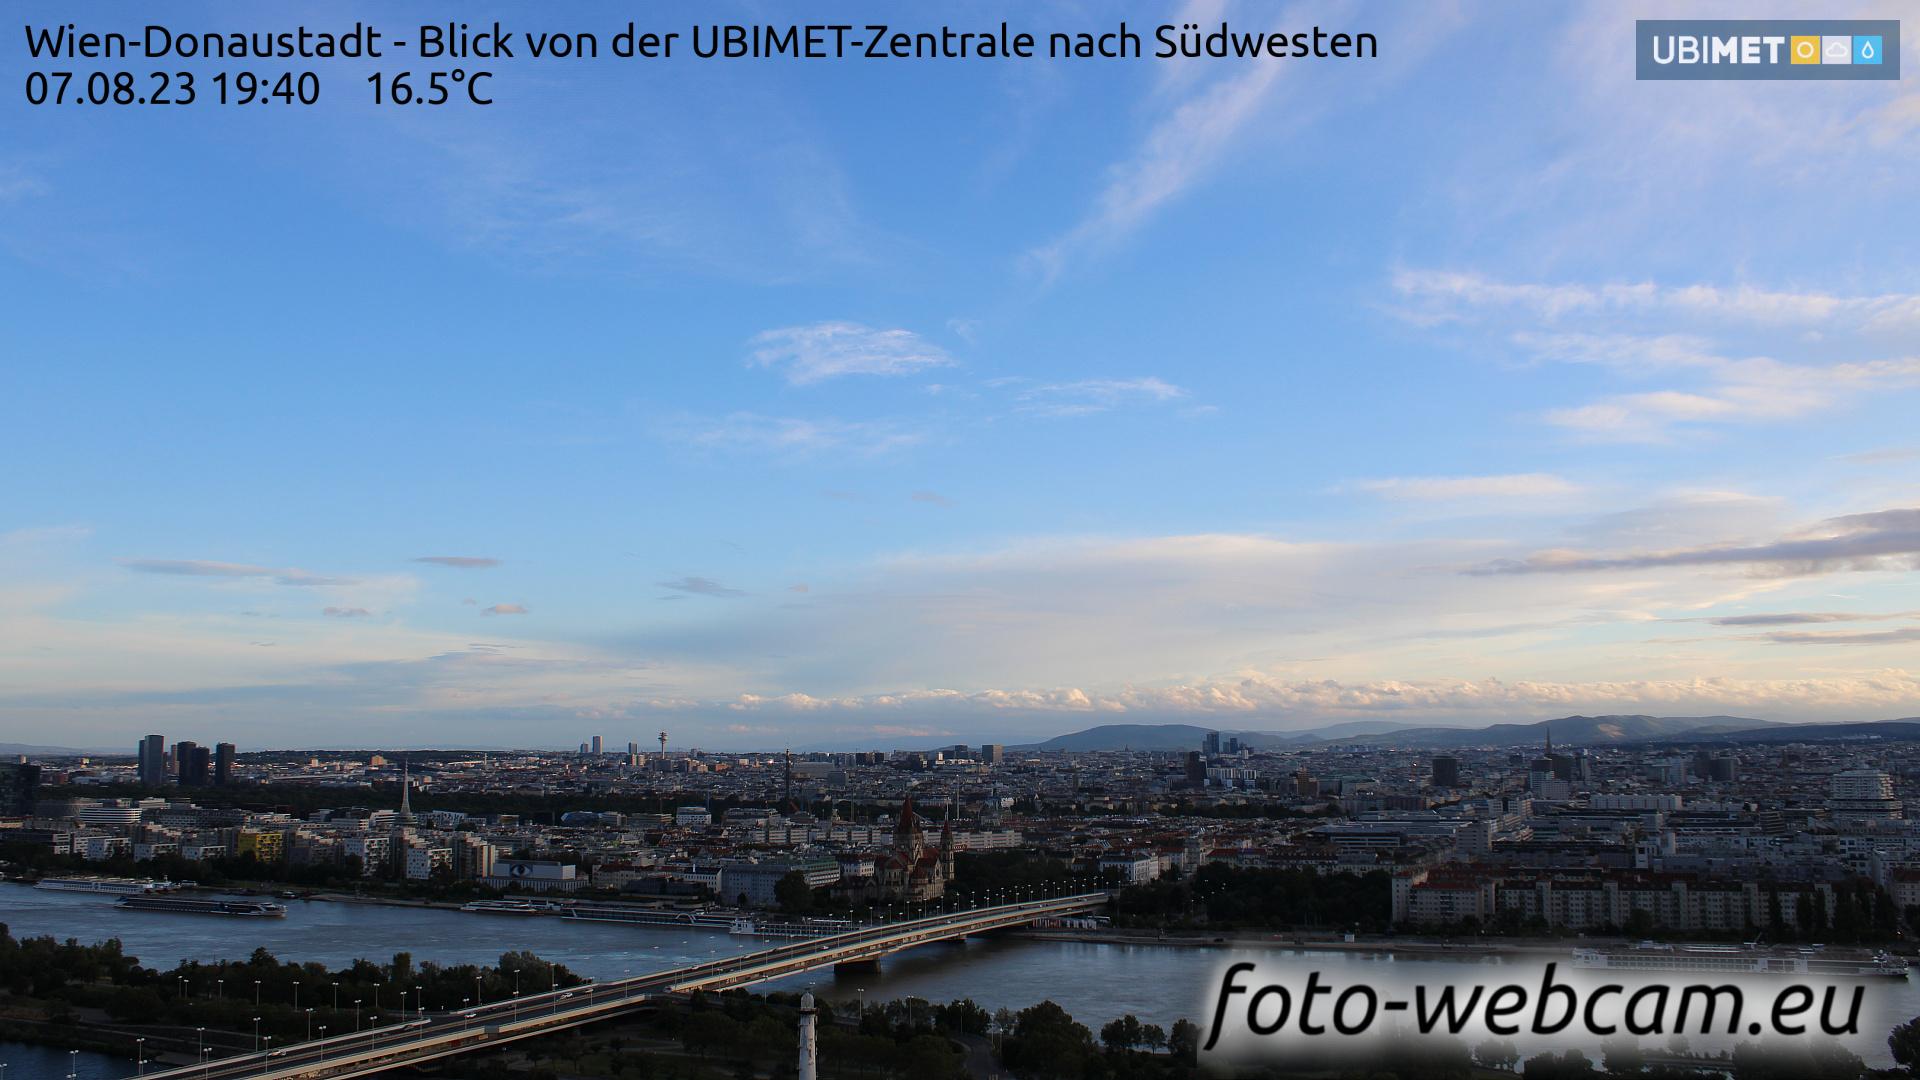 Vienna Sun. 19:46